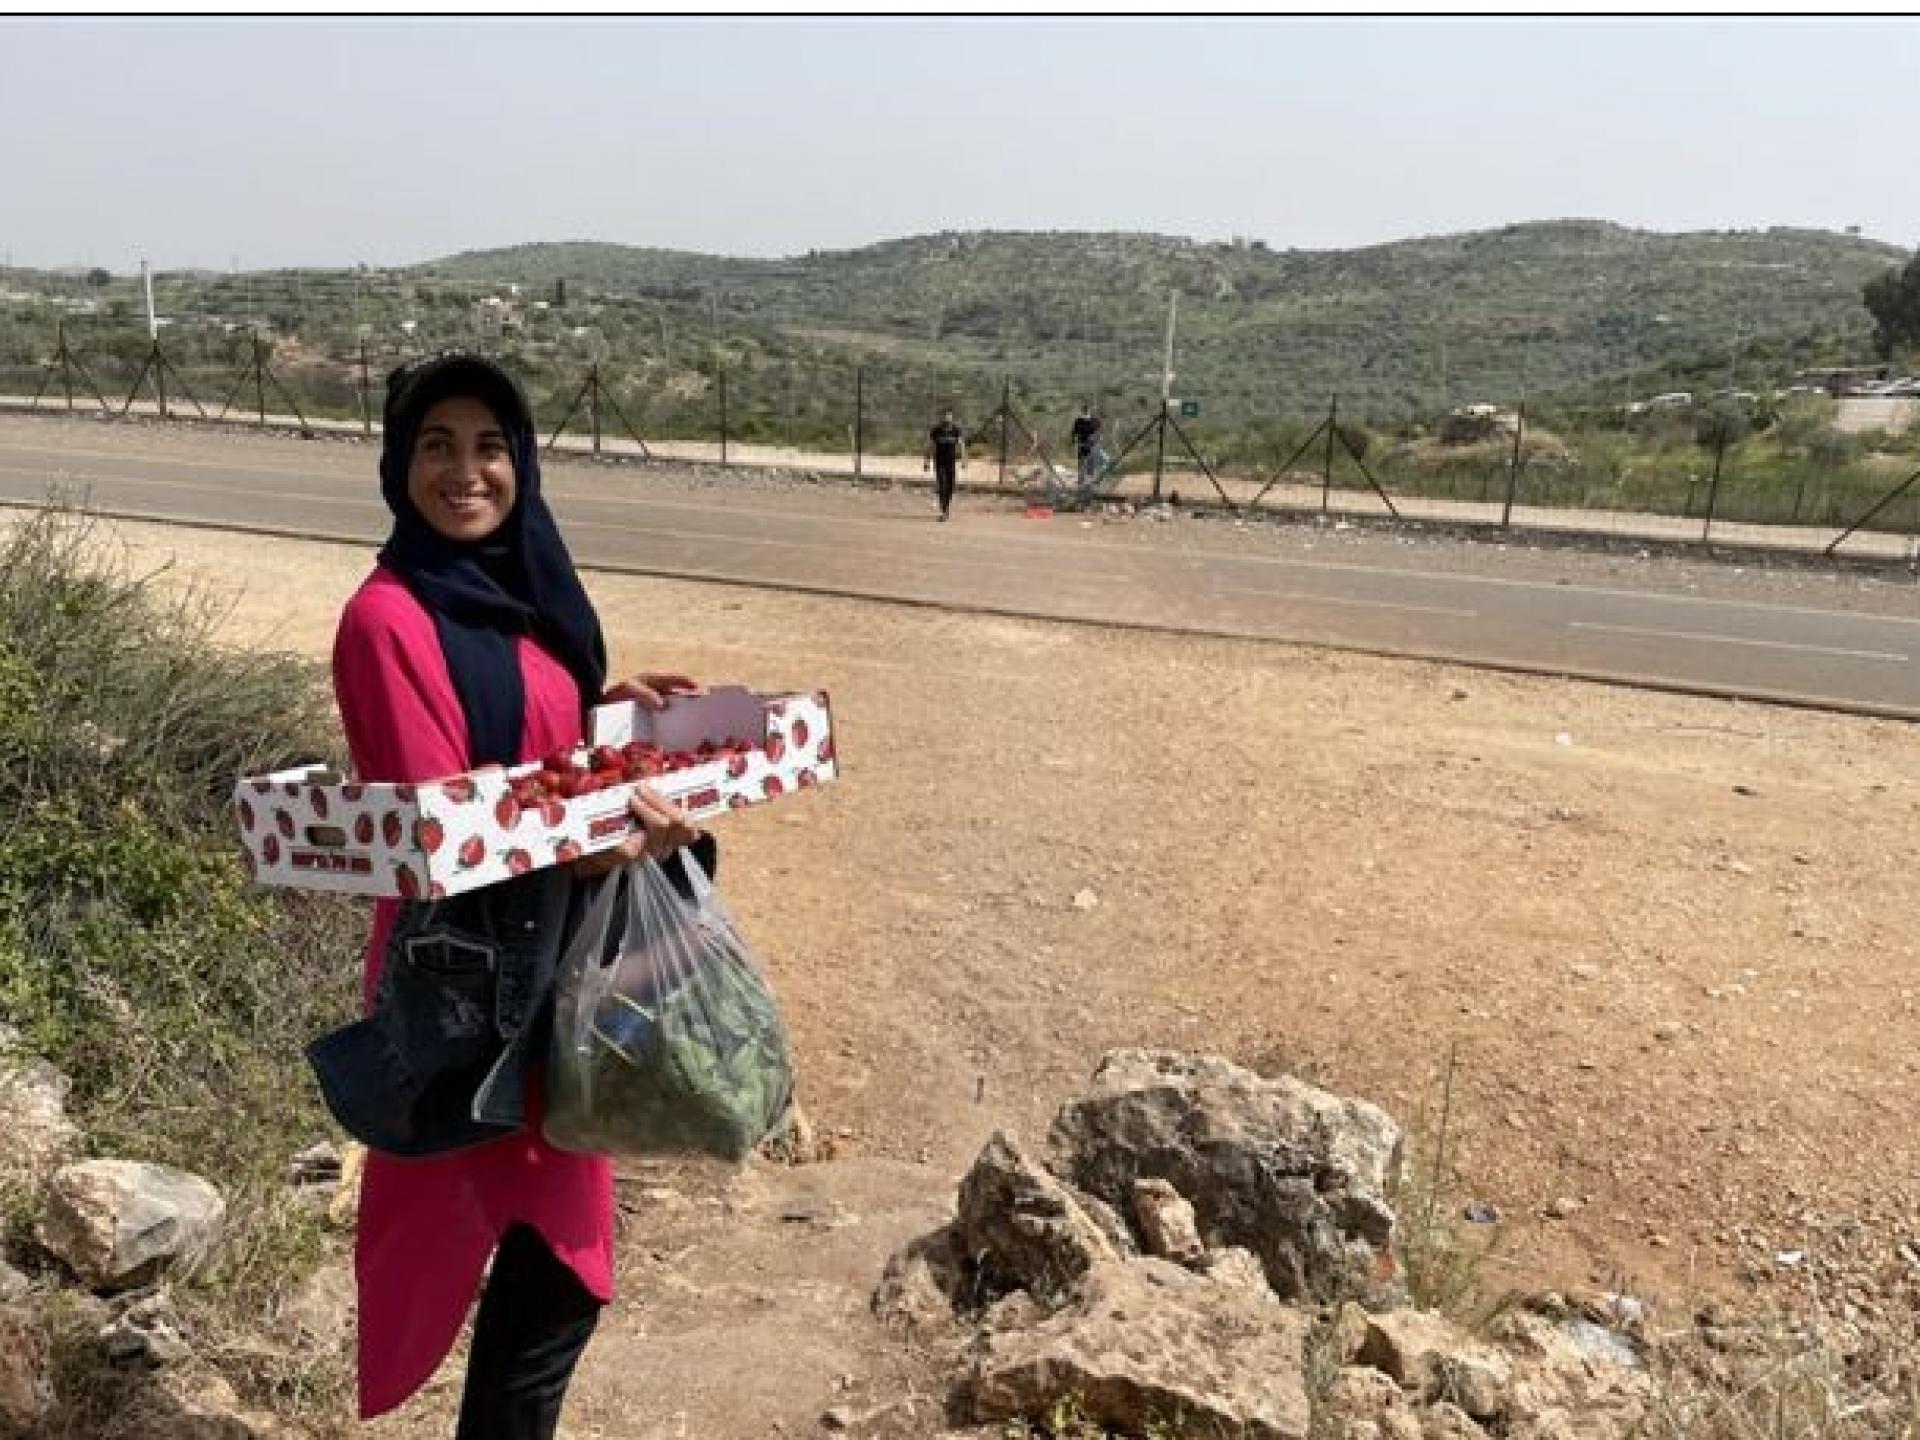 אשה עם קרטון תותים בידיה ליד פרצה בגדר ההפרדה